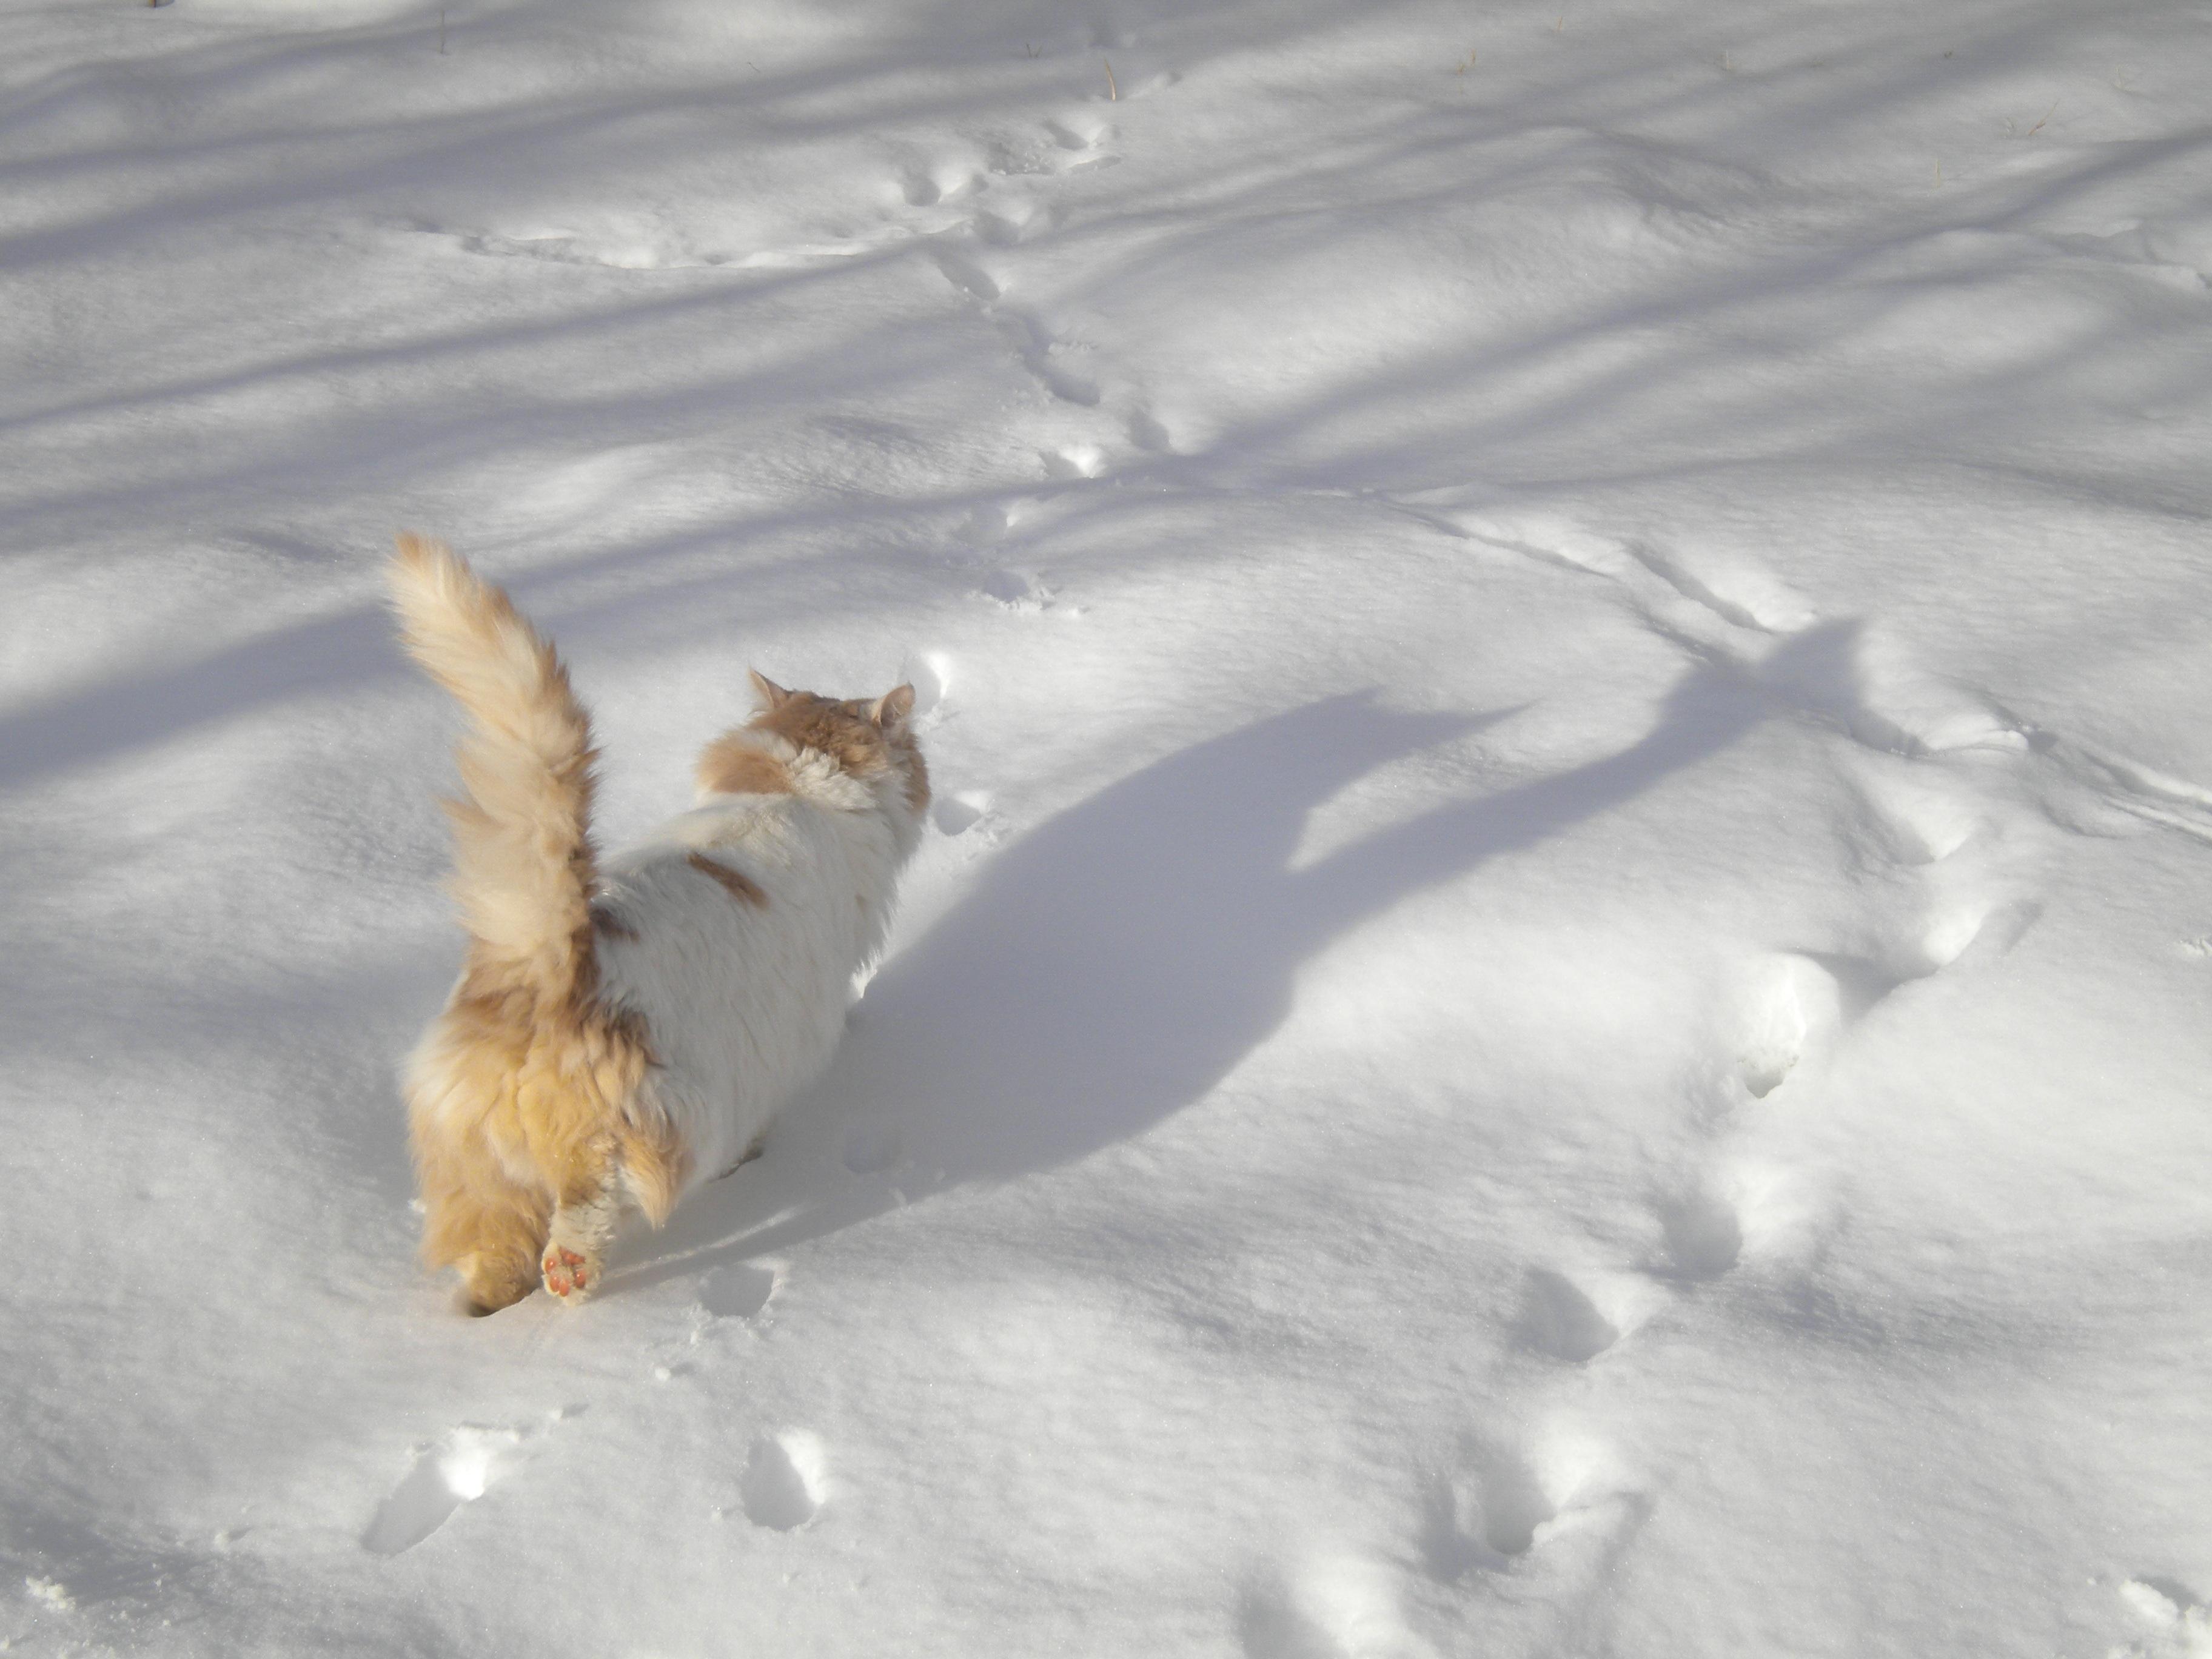 cat walking in snow